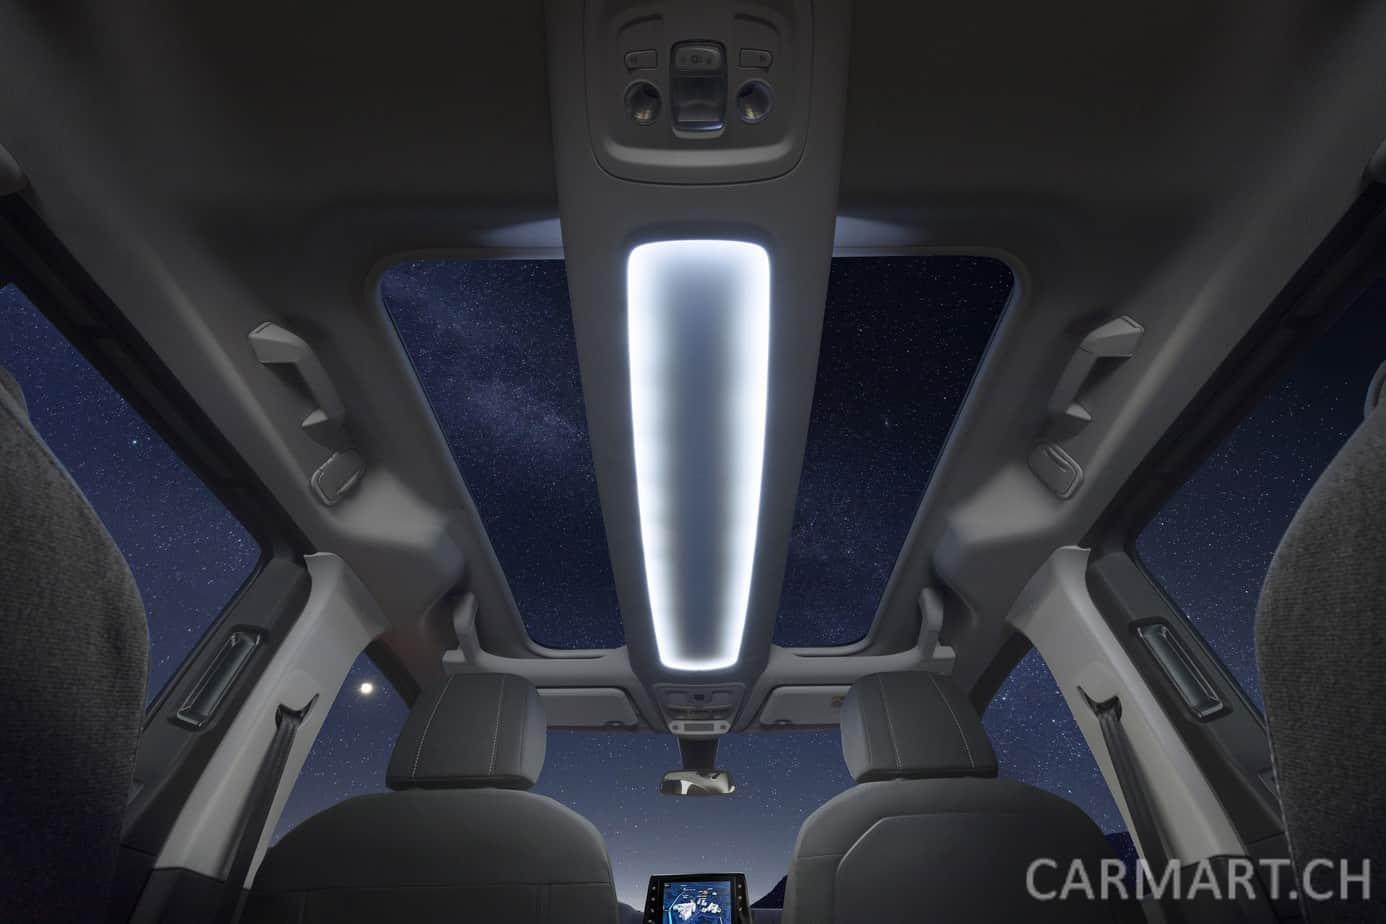 The sky's the limit: Mit dem optionalen Panoramadach werden Insassen des neuen Opel Combo Life wahrlich Sterne zu sehen bekommen. Das durch LEDs beleuchtete Regal bietet noch mehr Ablagefläche.